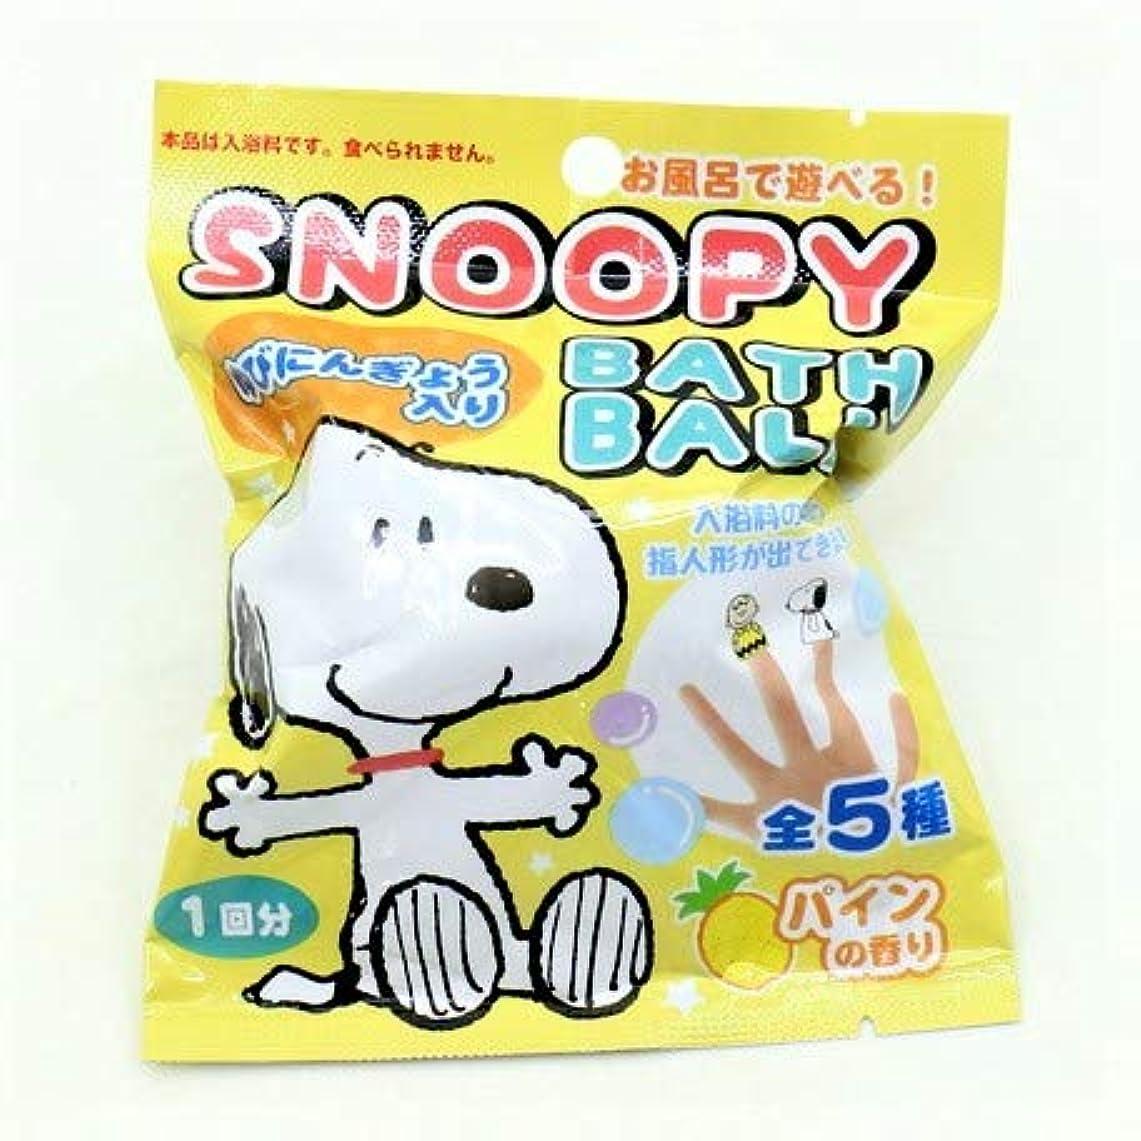 宙返り登録まばたきスヌーピー バスボール 入浴剤 パインの香り 6個1セット 指人形 Snoopy